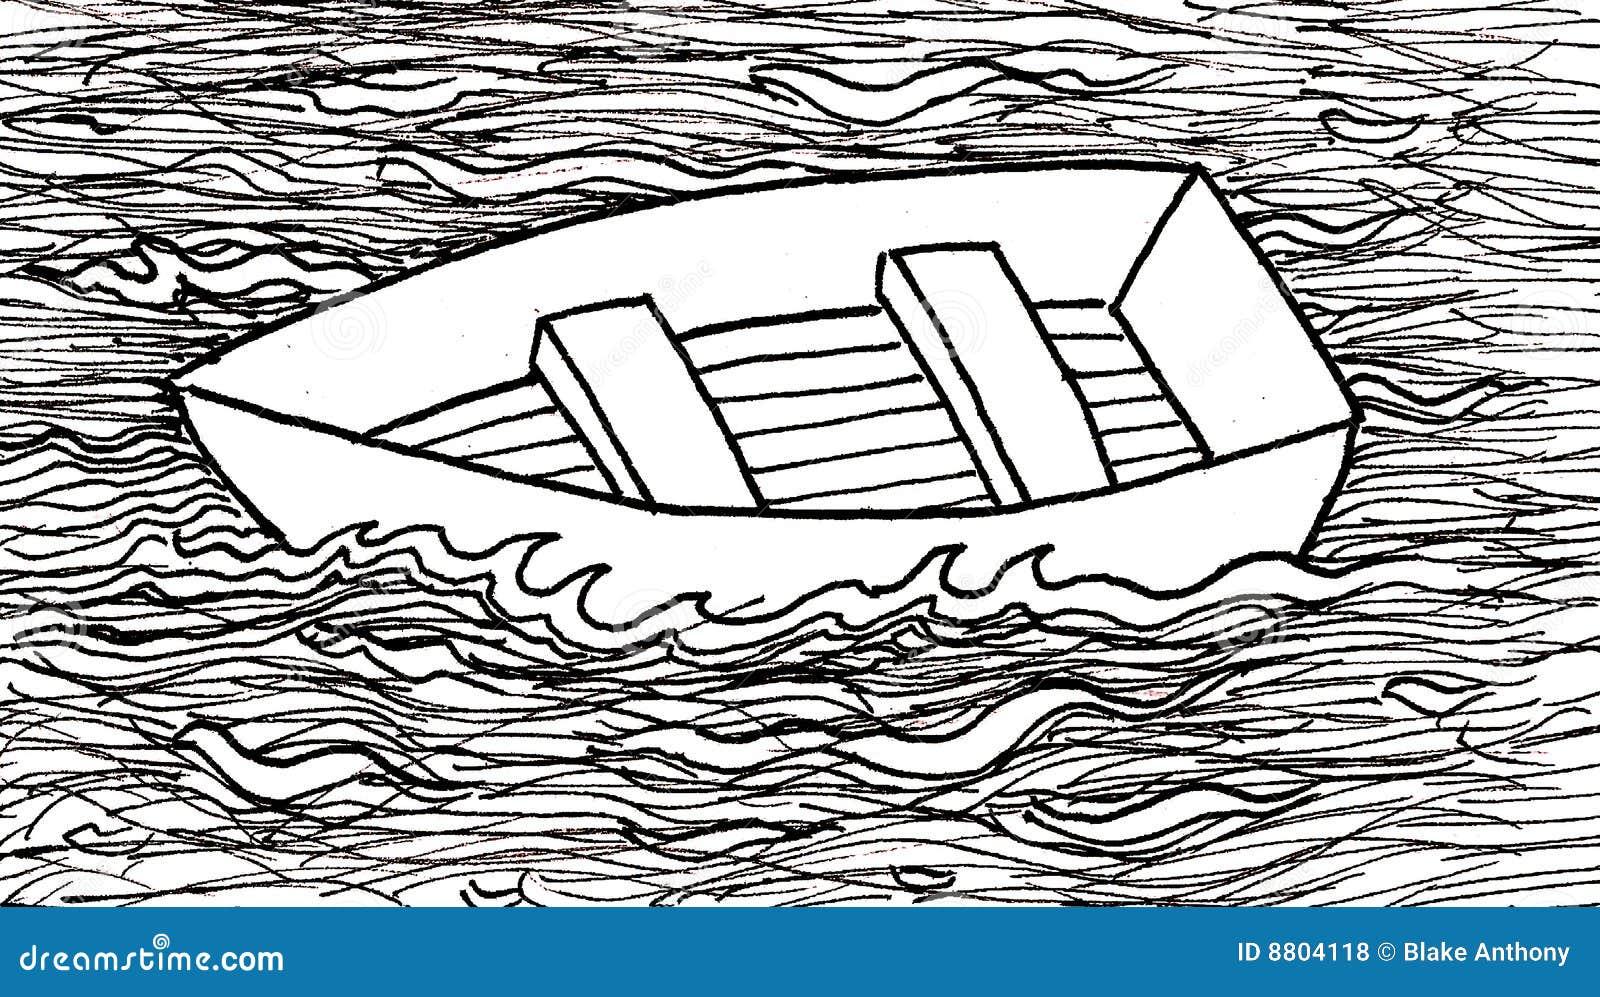 Boat Afloat Royalty Free Illustration Cartoondealer Com